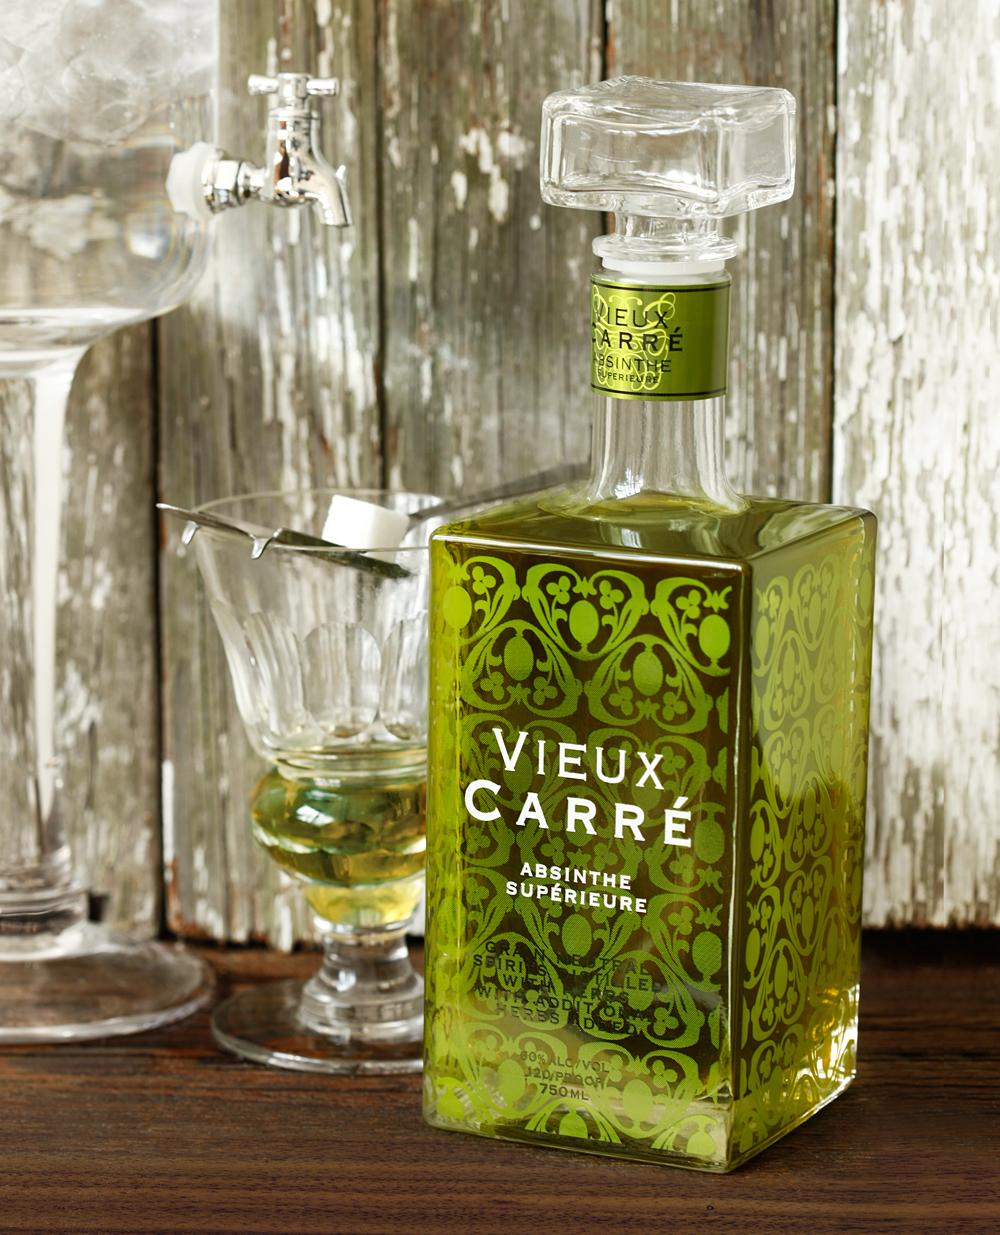 VieuxCarre-bottle-1000